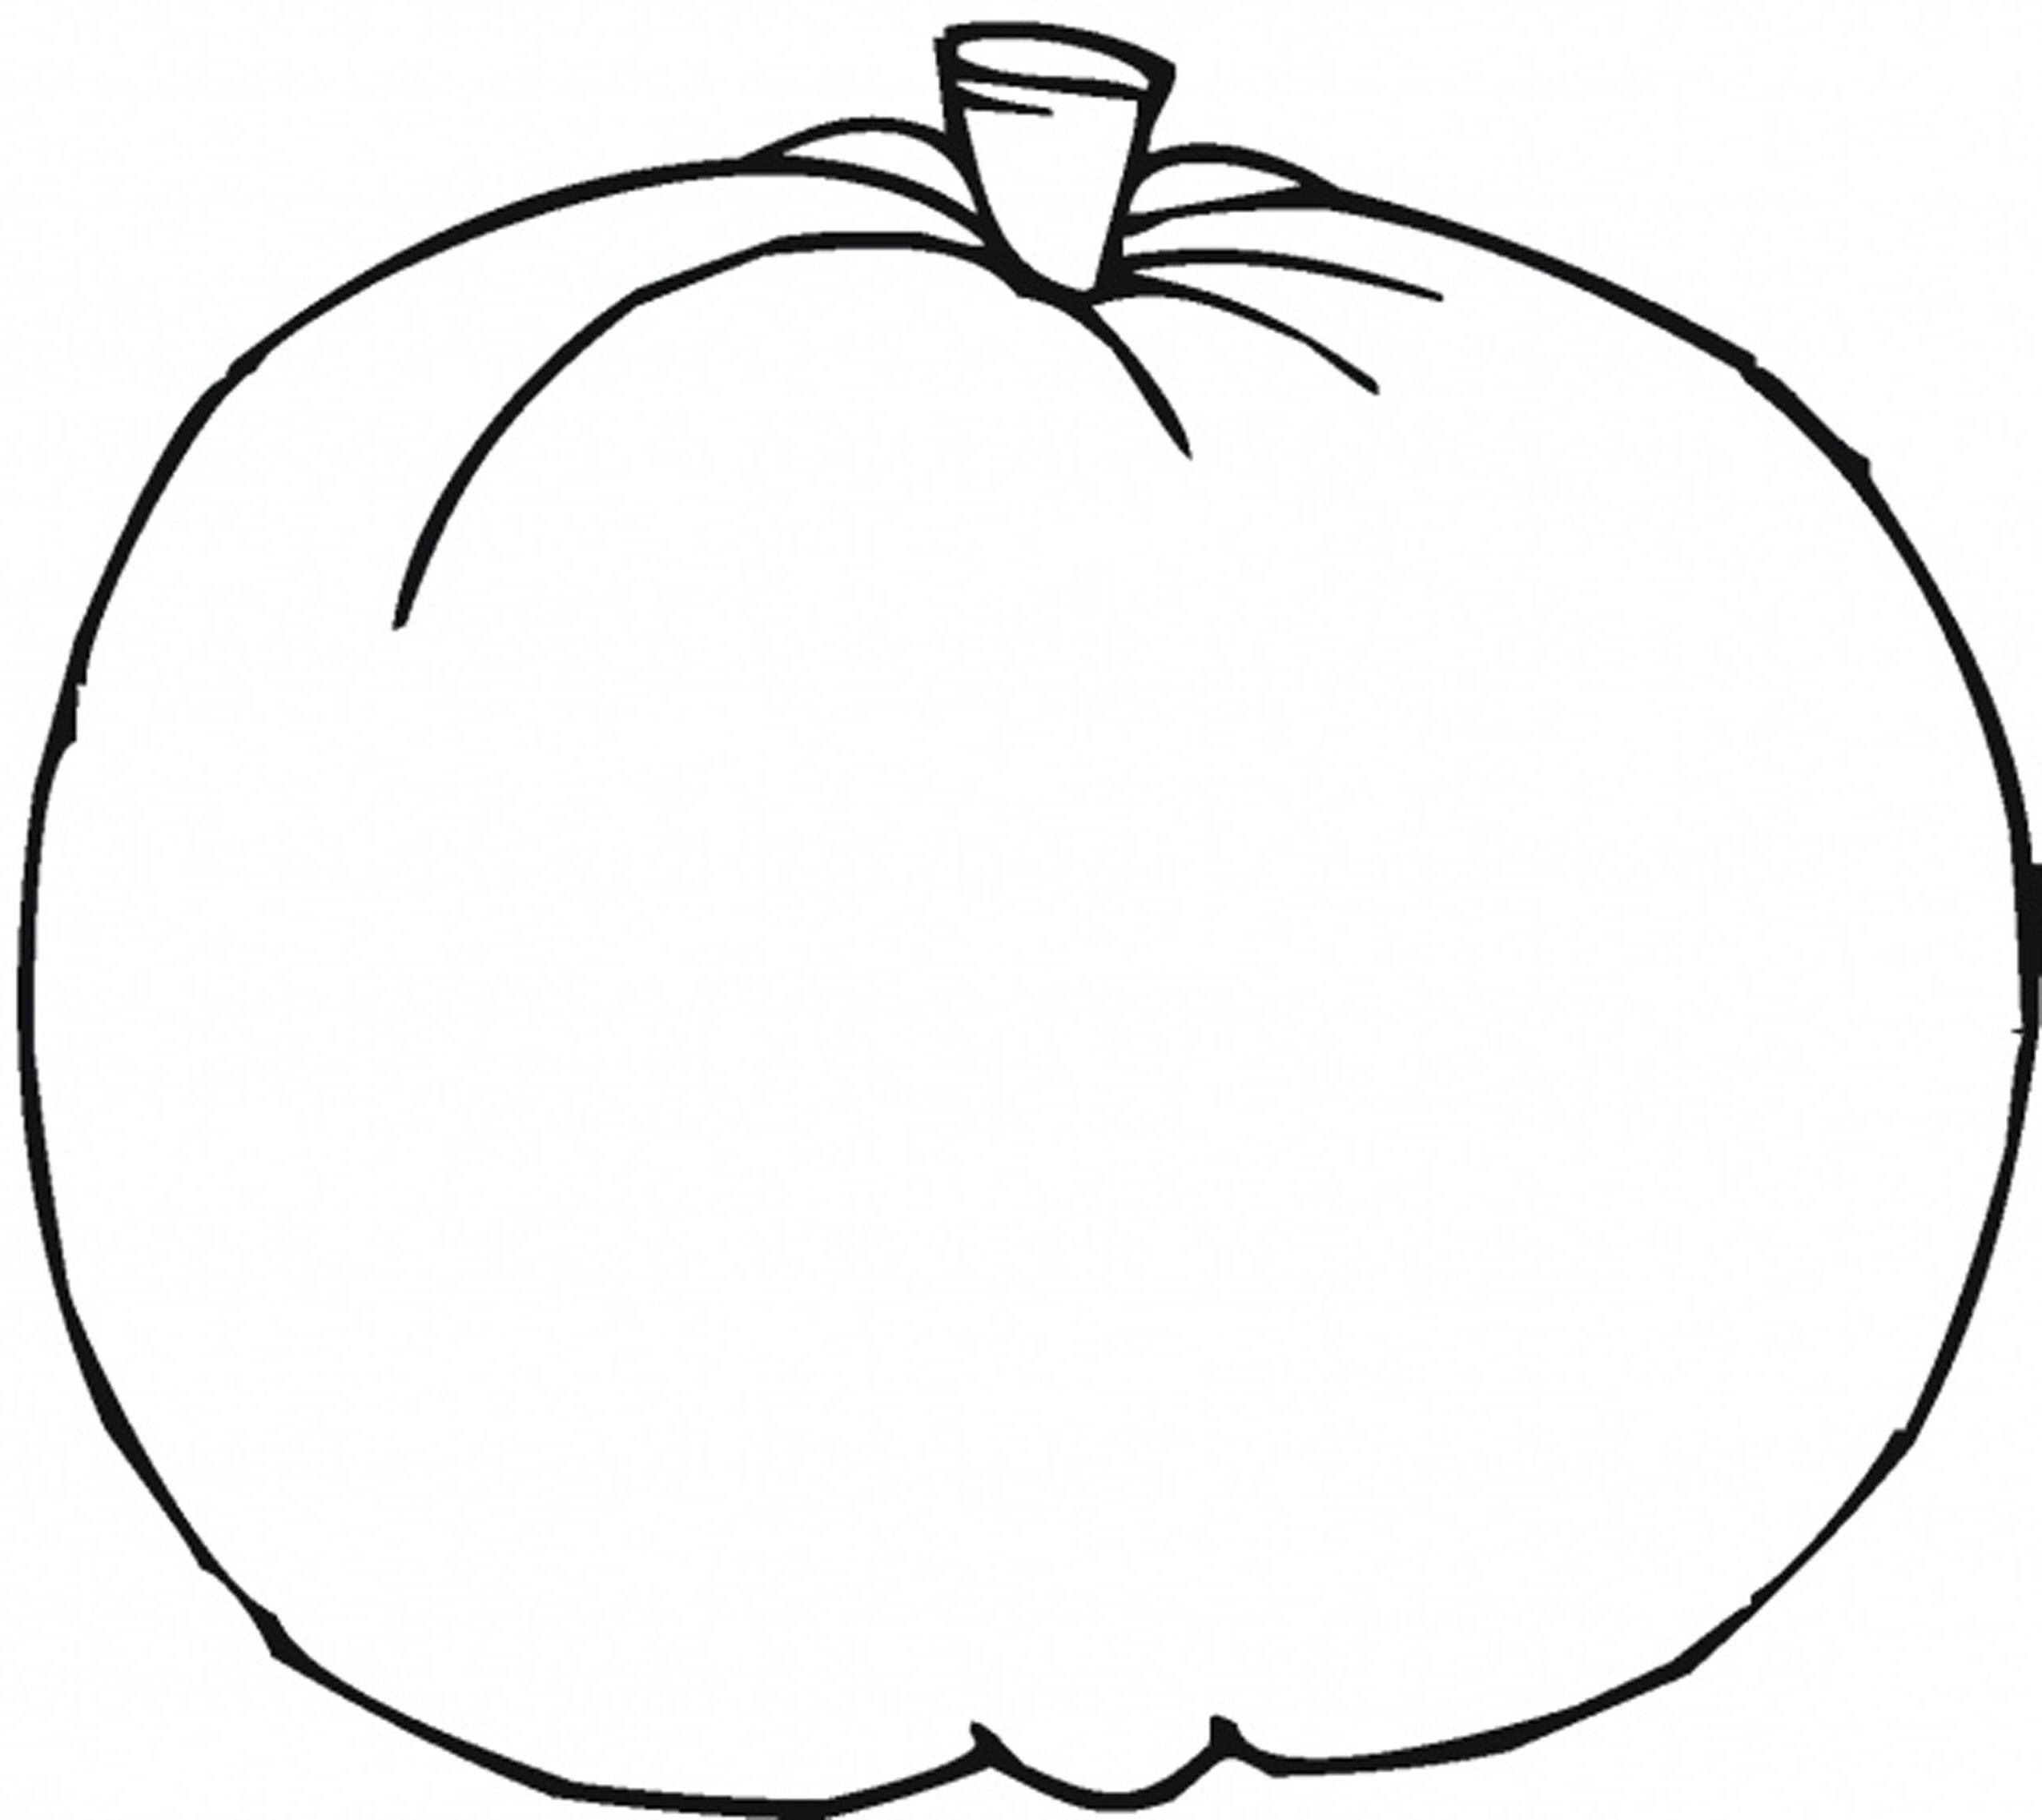 Pumpkin Leaves Drawing At Getdrawings